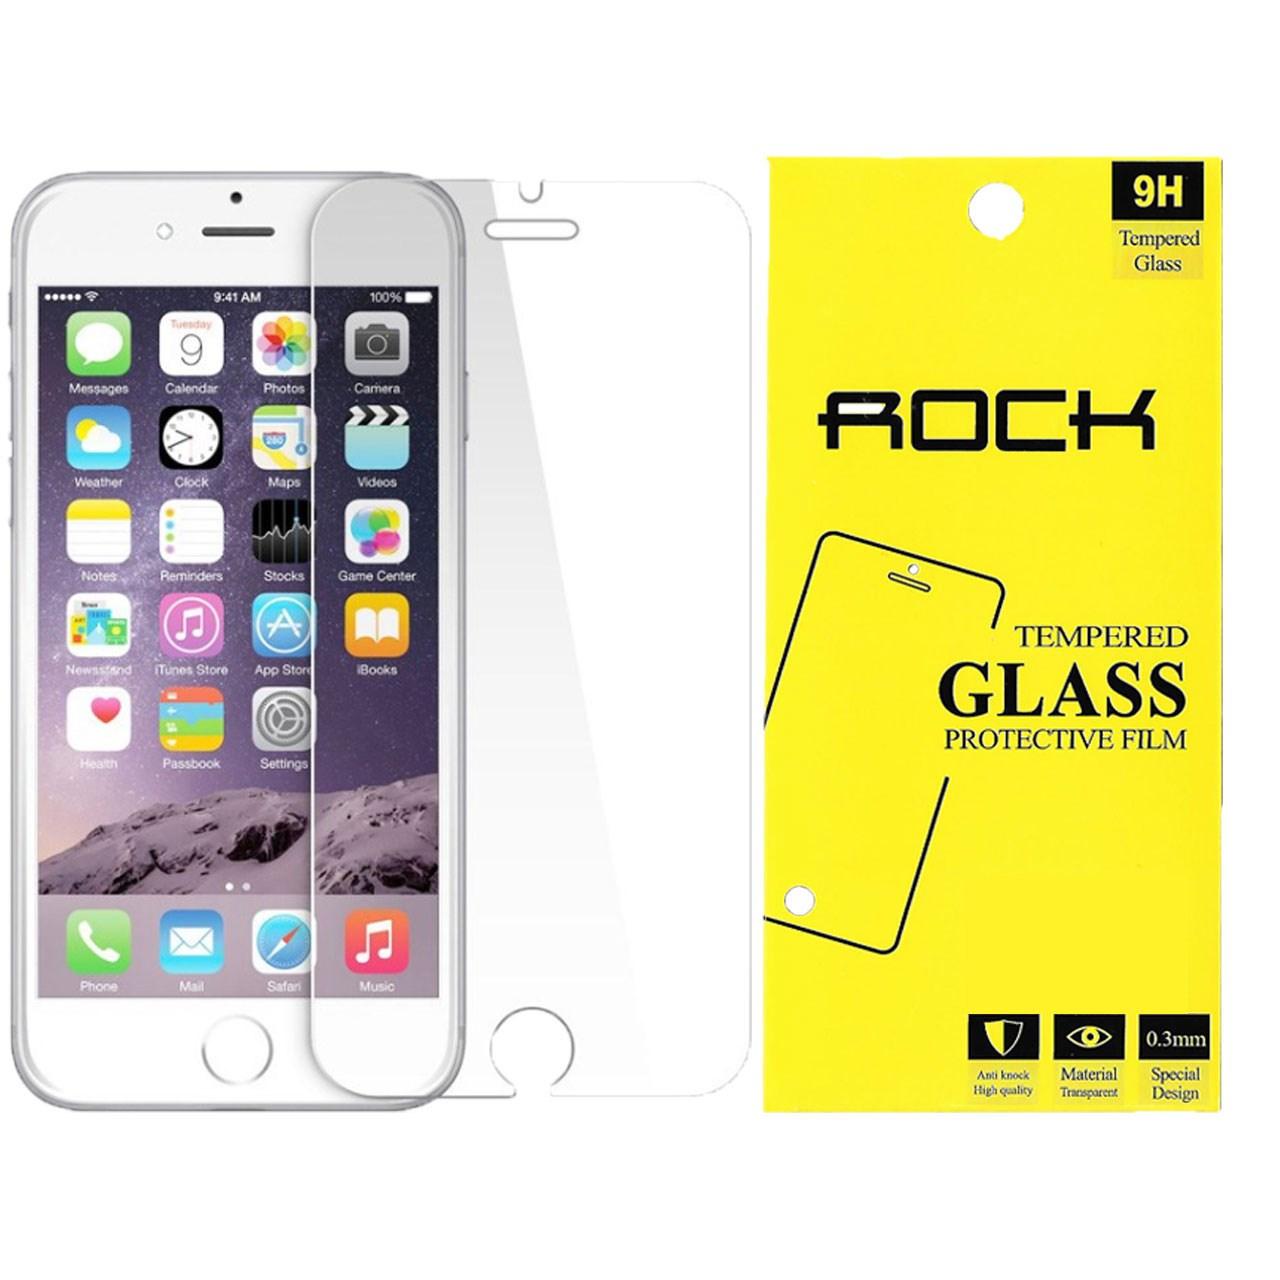 محافظ صفحه نمایش راک مدل 9H TEMPERED مناسب برای گوشی موبایل اپل آیفون 6/6s